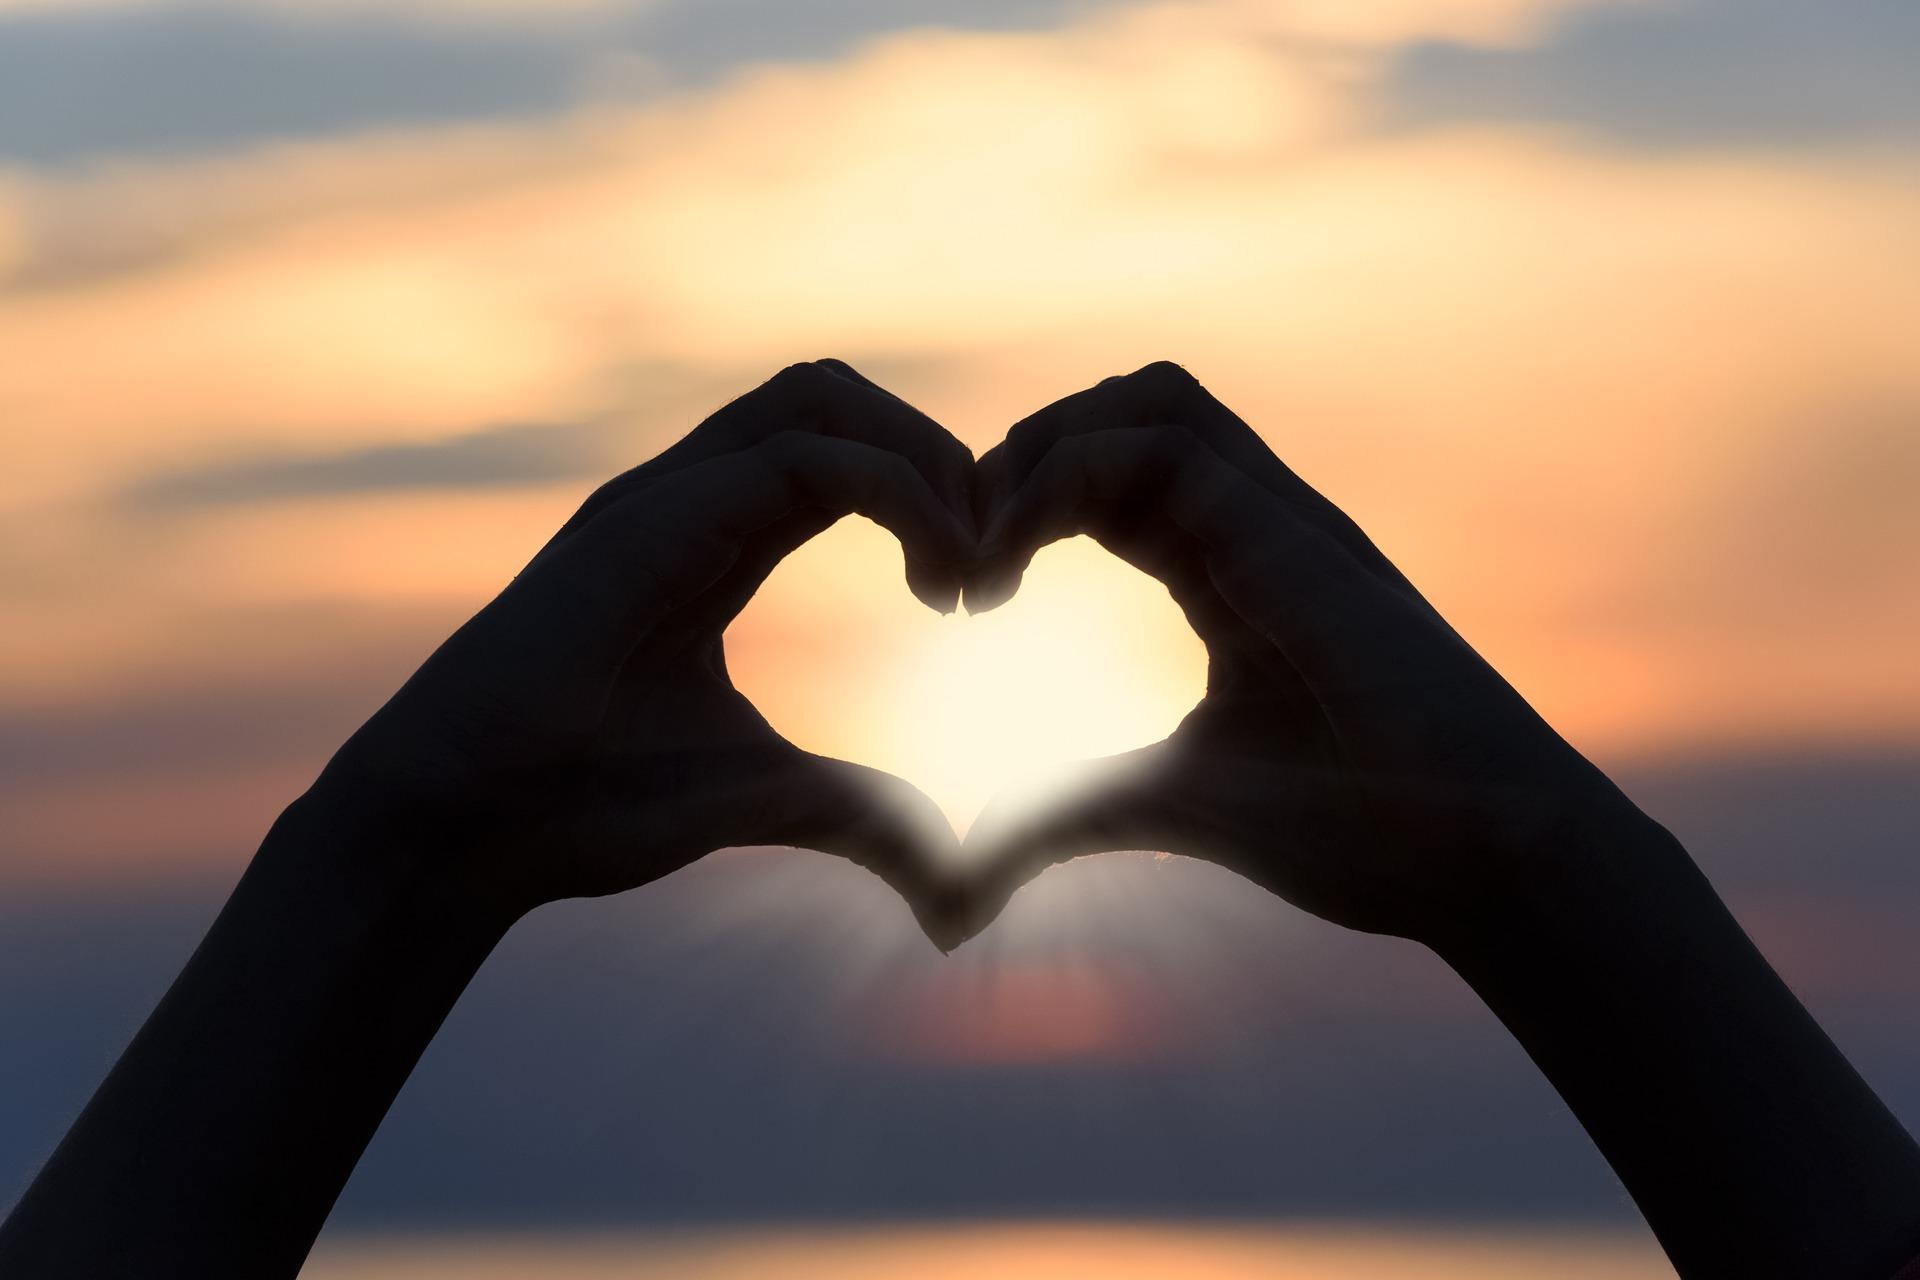 Développer le cœur affectueux